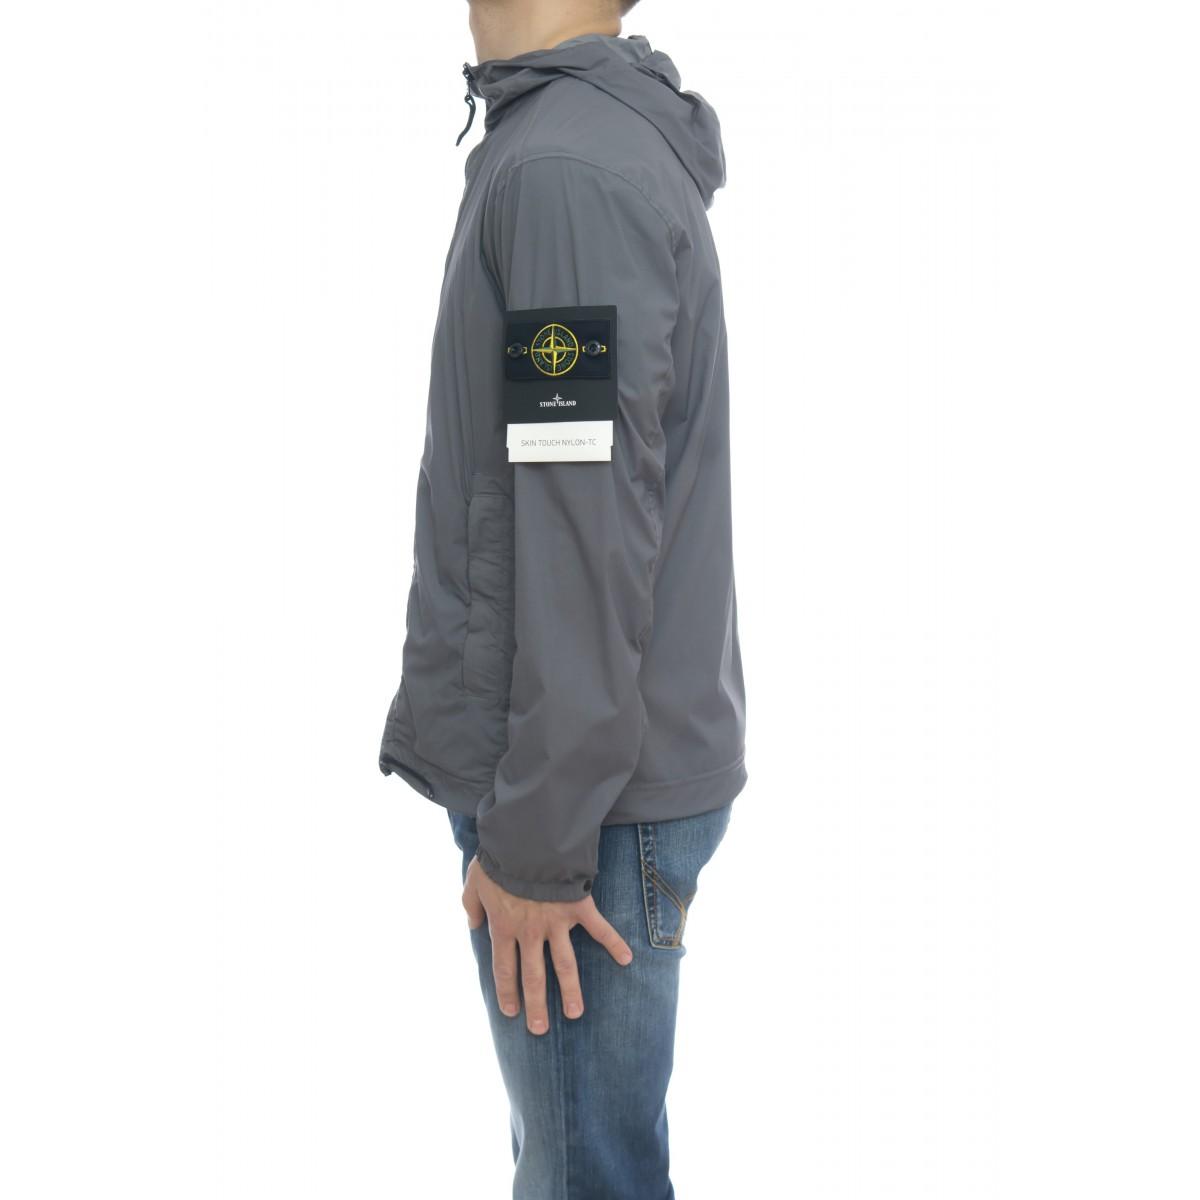 Giubbini - 43831 giubbino packable skin touch nylon